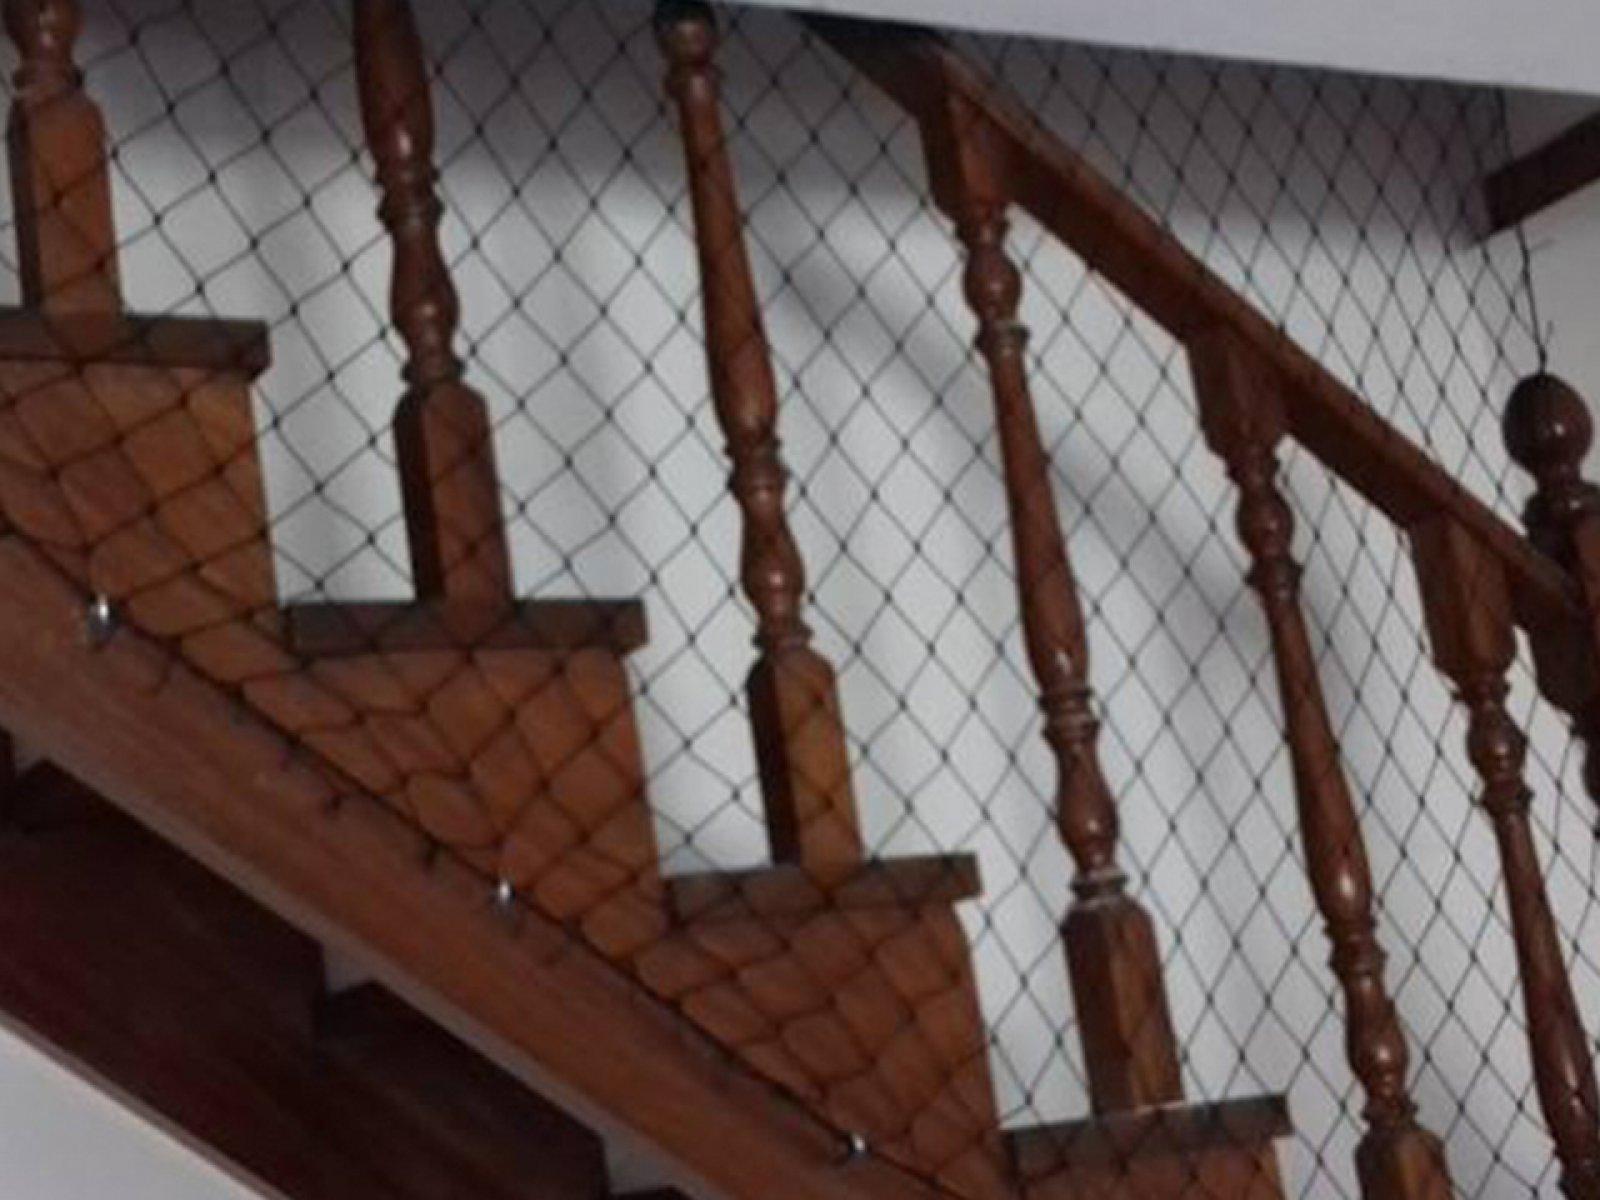 Rede de Proteção para Escadas evita quedas de pets e crianças